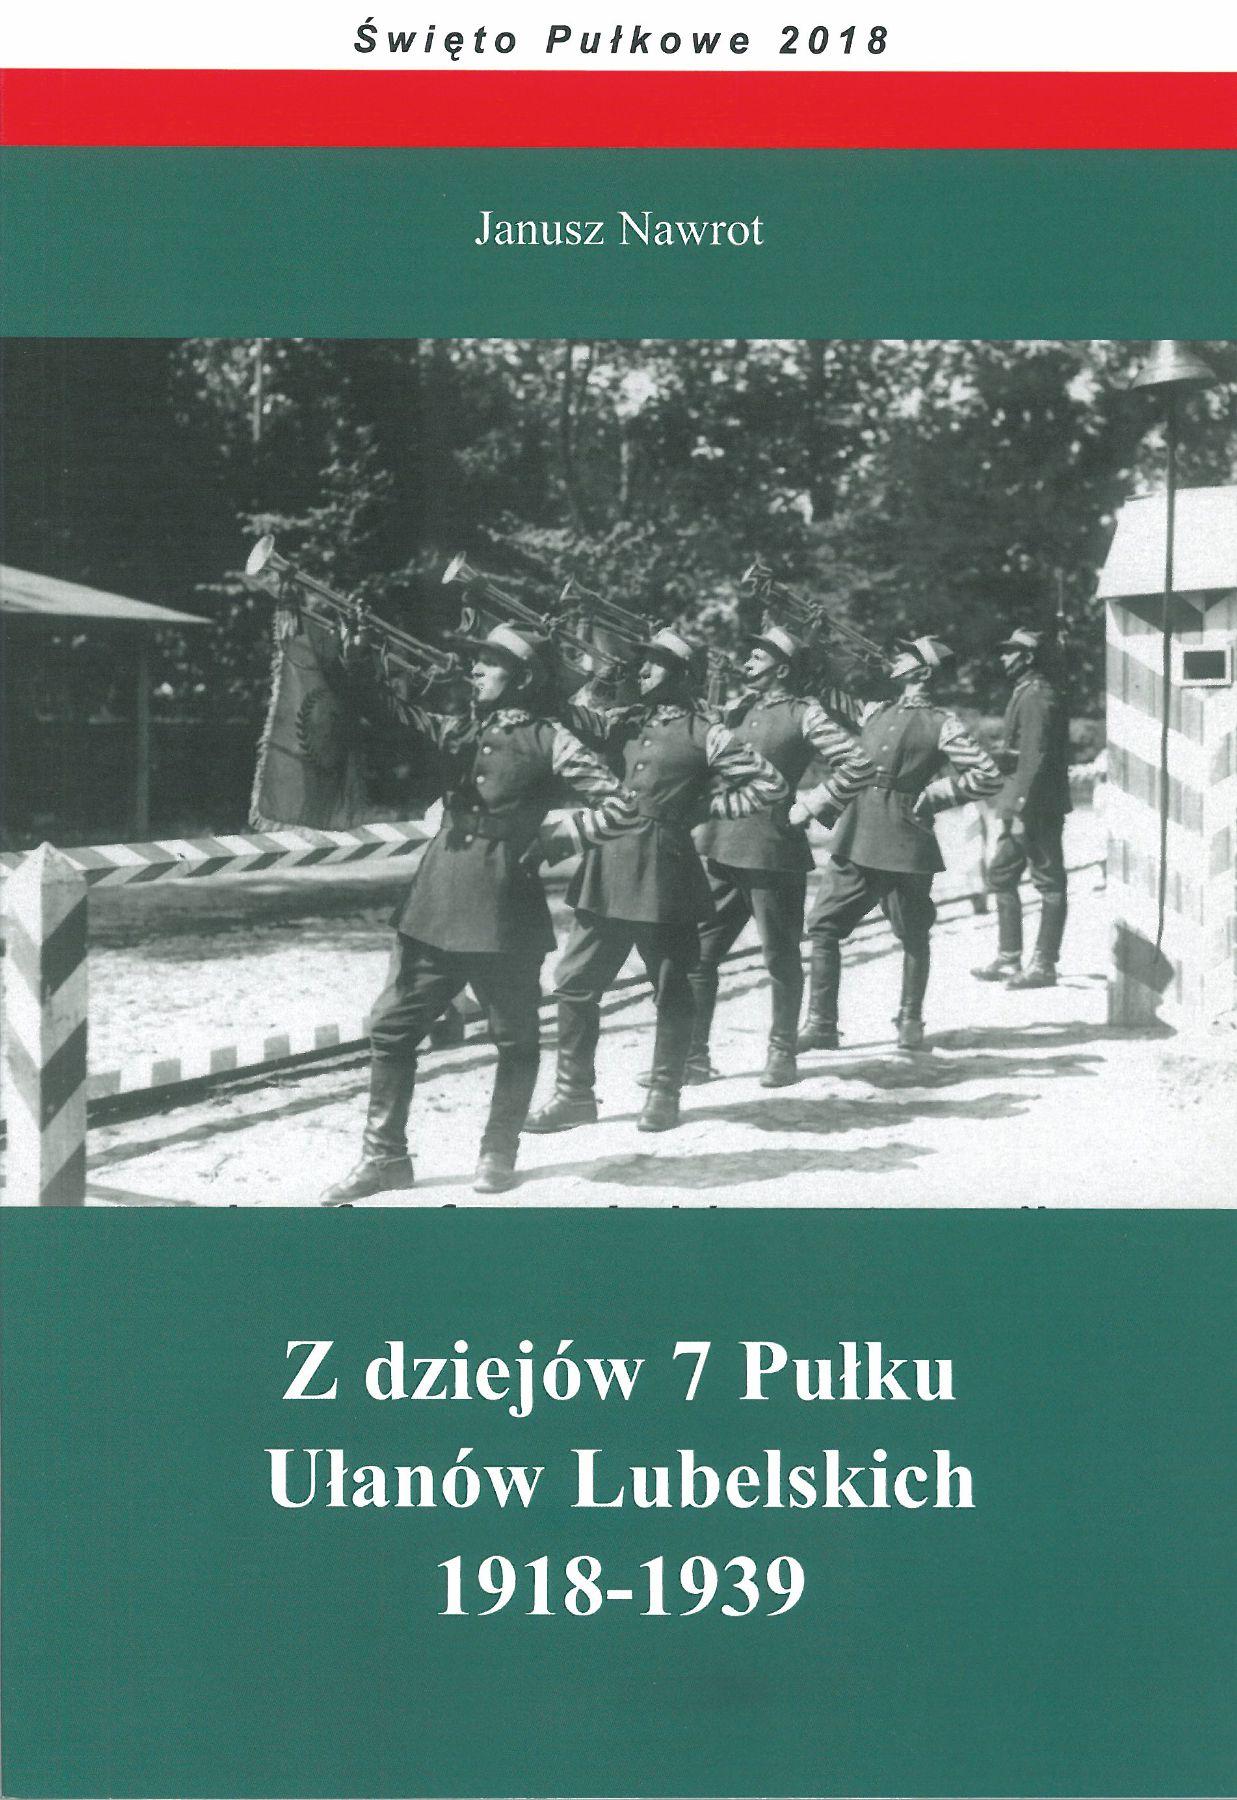 Zdziejów 7 Pułku Ułanów Lubelskich 1918-1939